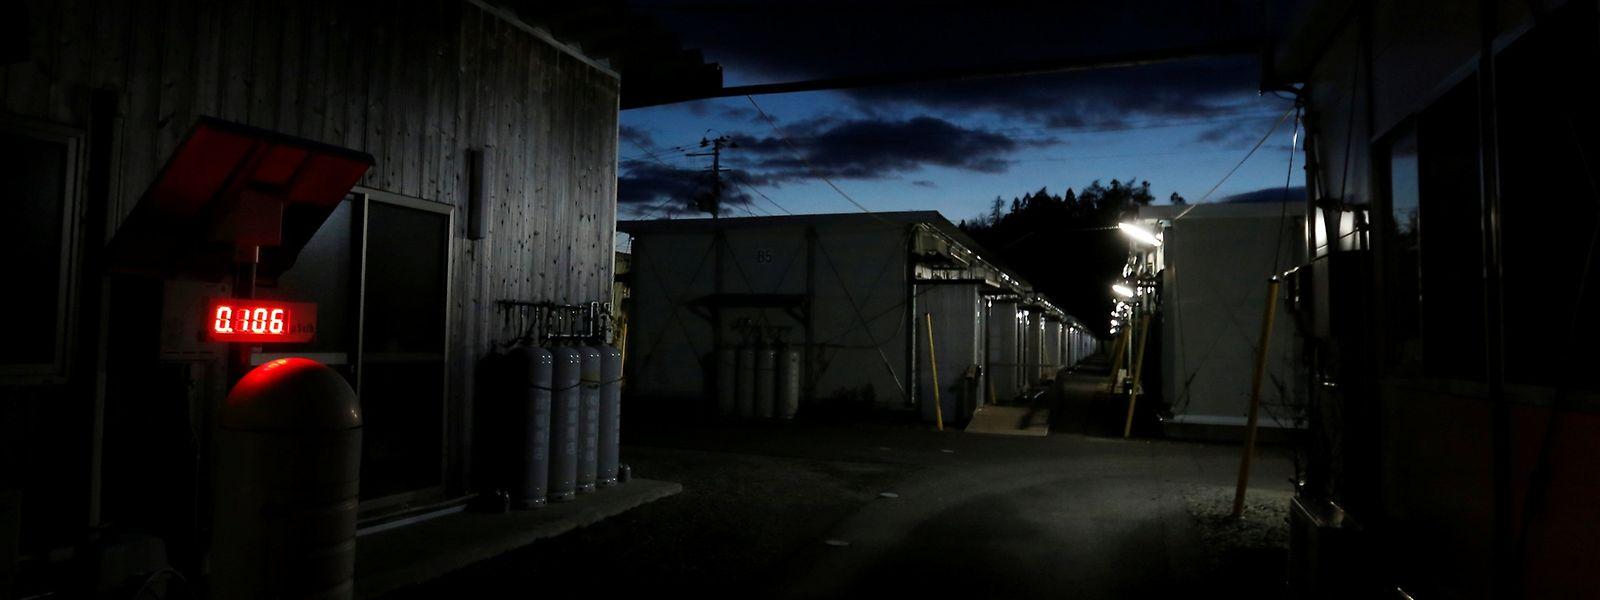 Ein Geigerzähler im ehemaligen Wohngebiet der Stadt Namie, zeigt einen  Strahlungspegel von 0,106 Mikrosievert pro Stunde an. Zum Vergleich: Die natürliche Strahlung, der ein Mensch bei uns ausgesetzt ist, hat eine Dosisleistung im Bereich von etwa 0,0001 bis 0,0002 Millisievert pro Stunde.